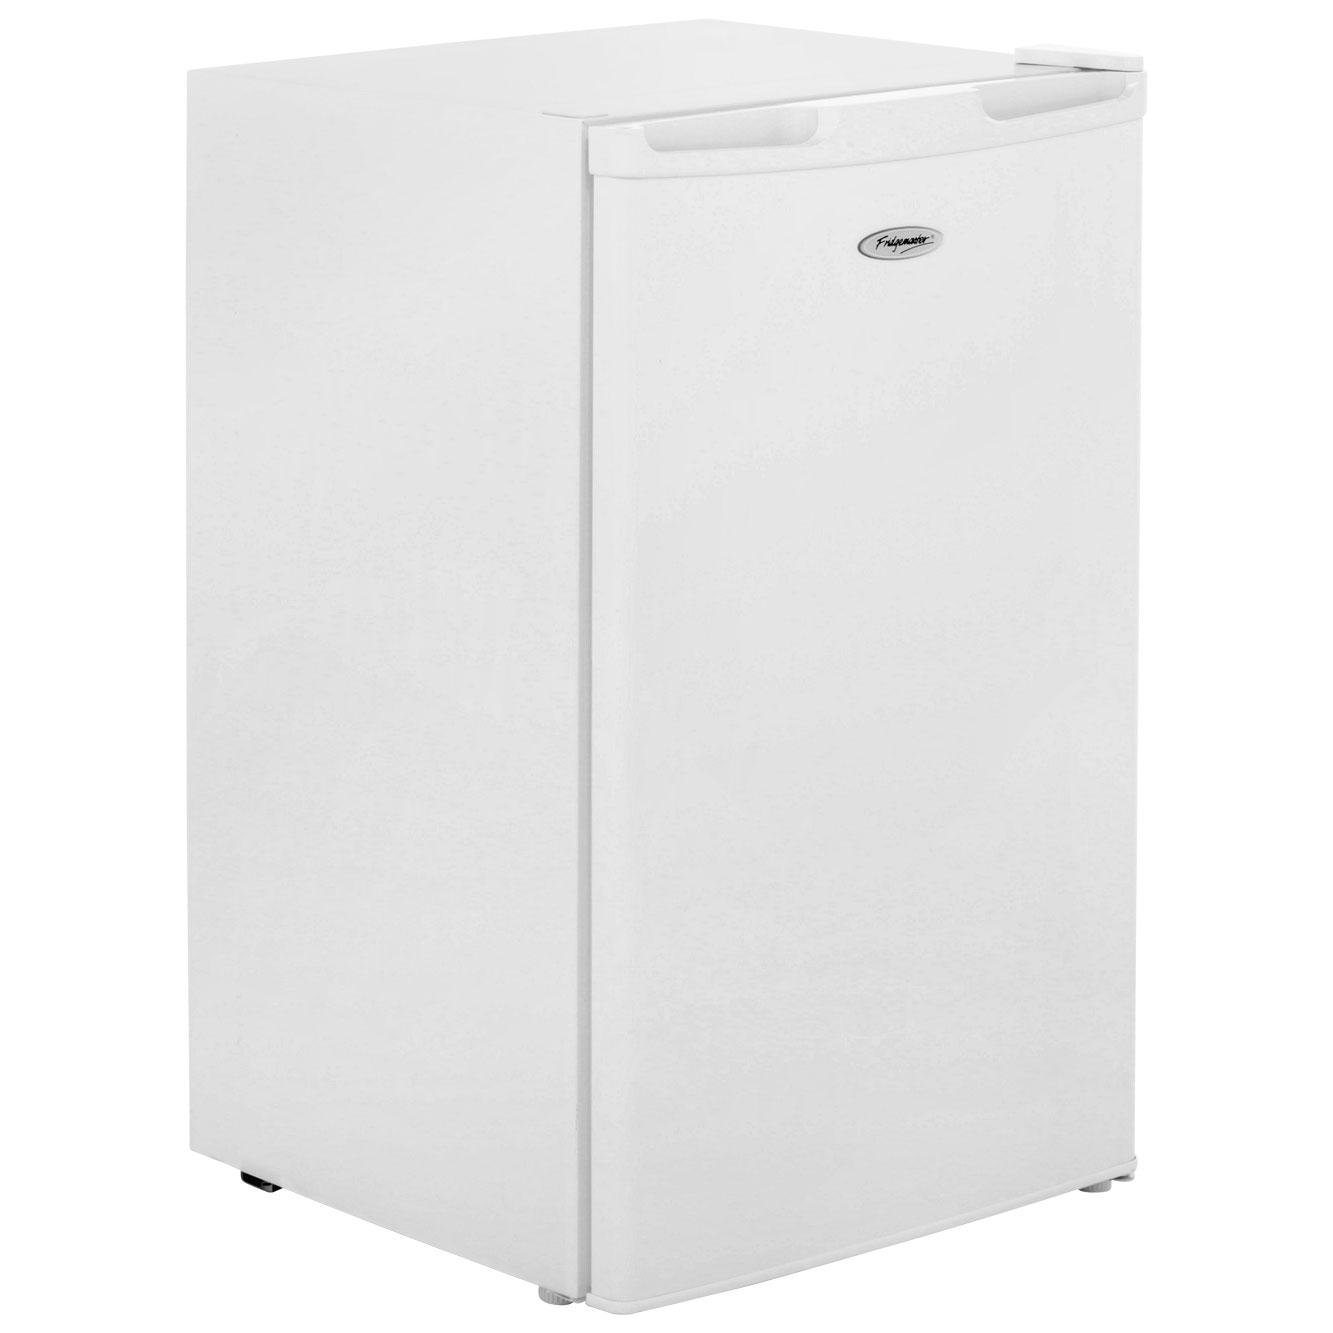 Fridgemaster MUR49100 Free Standing Refrigerator in White